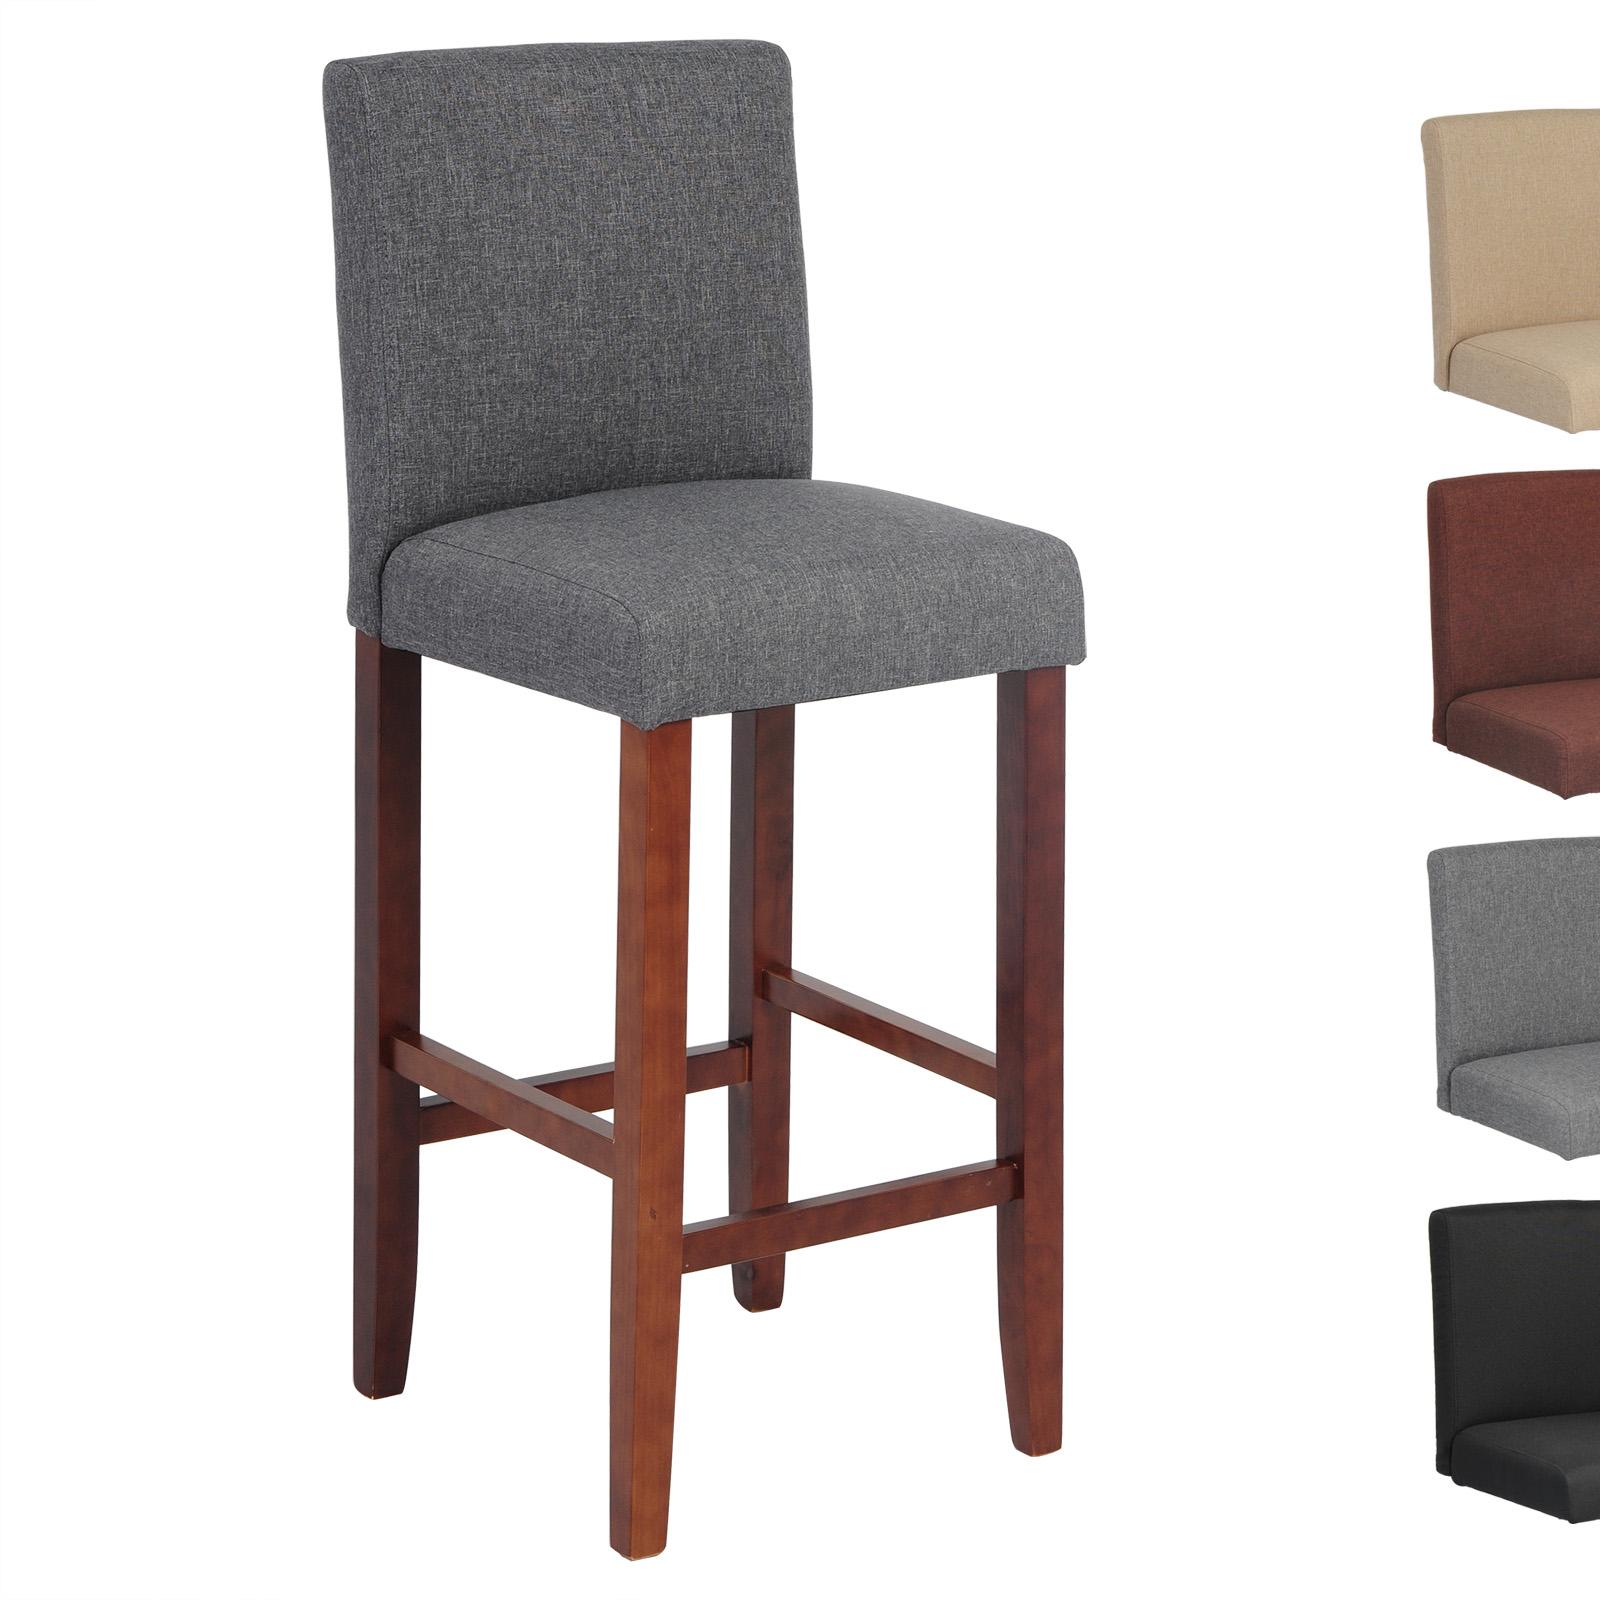 barhocker barstuhl barst hle massivholz bar hocker. Black Bedroom Furniture Sets. Home Design Ideas